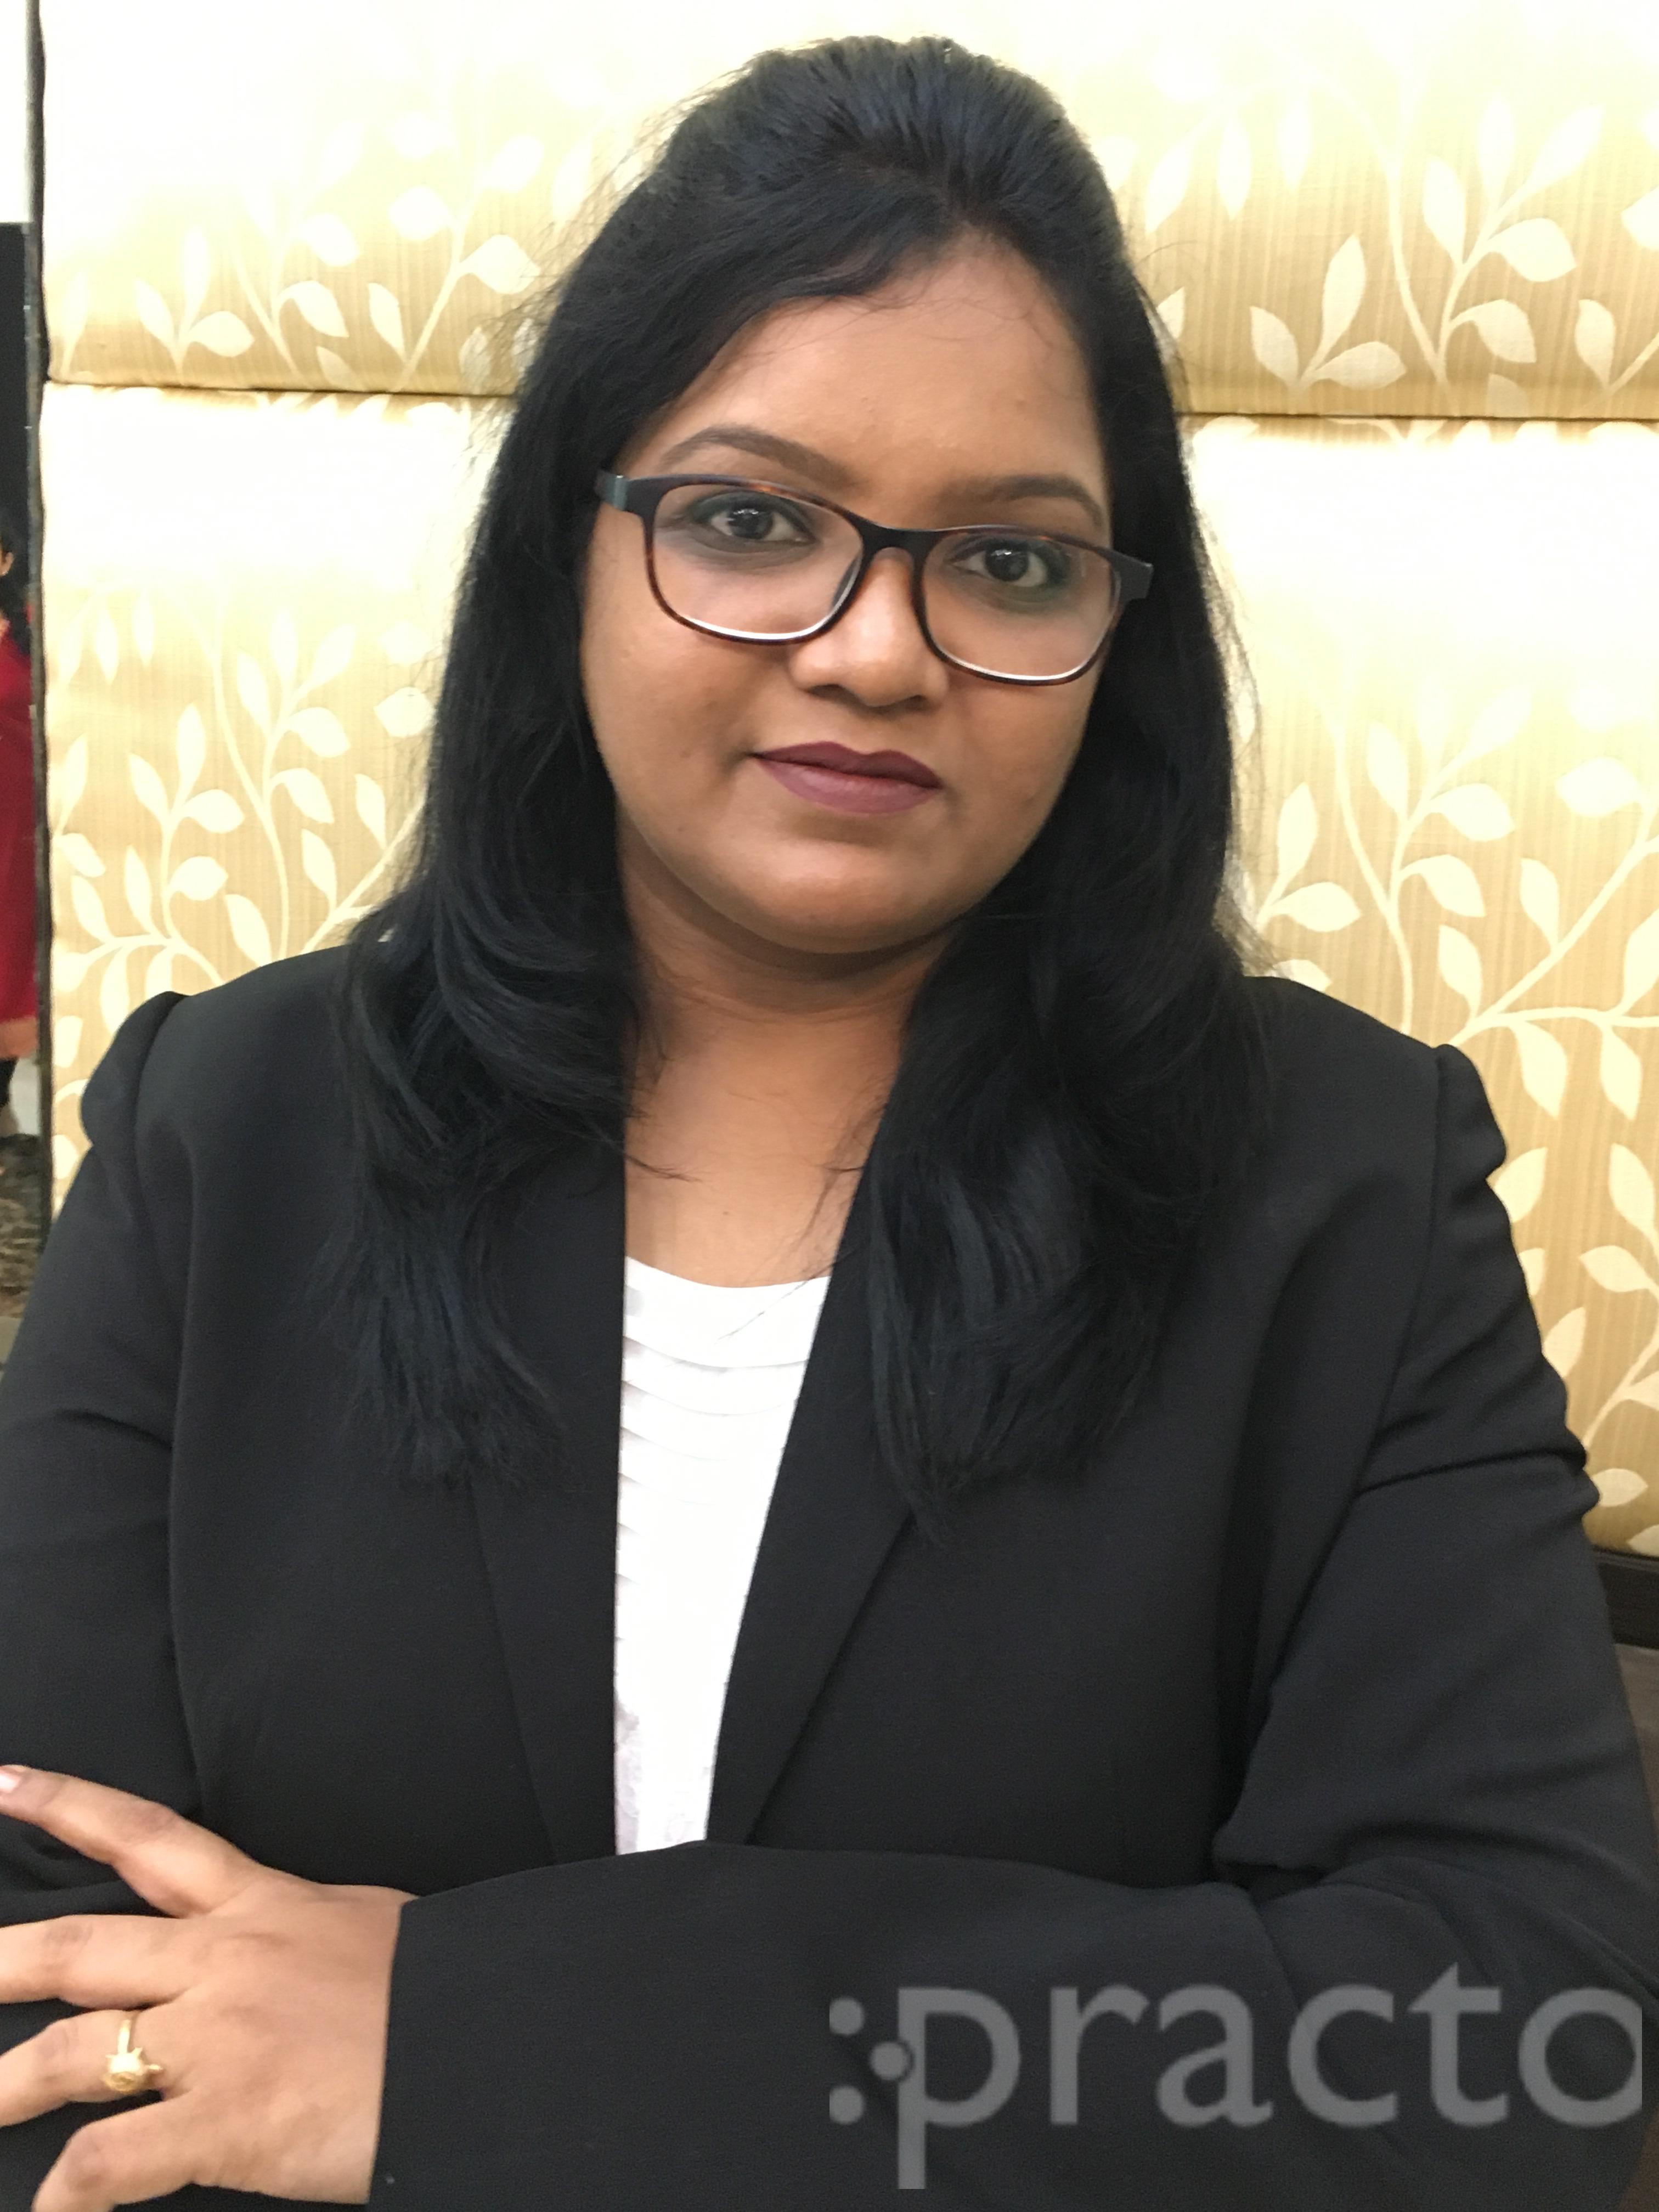 Dr. Madhupa Chaudhari Patil - Dentist